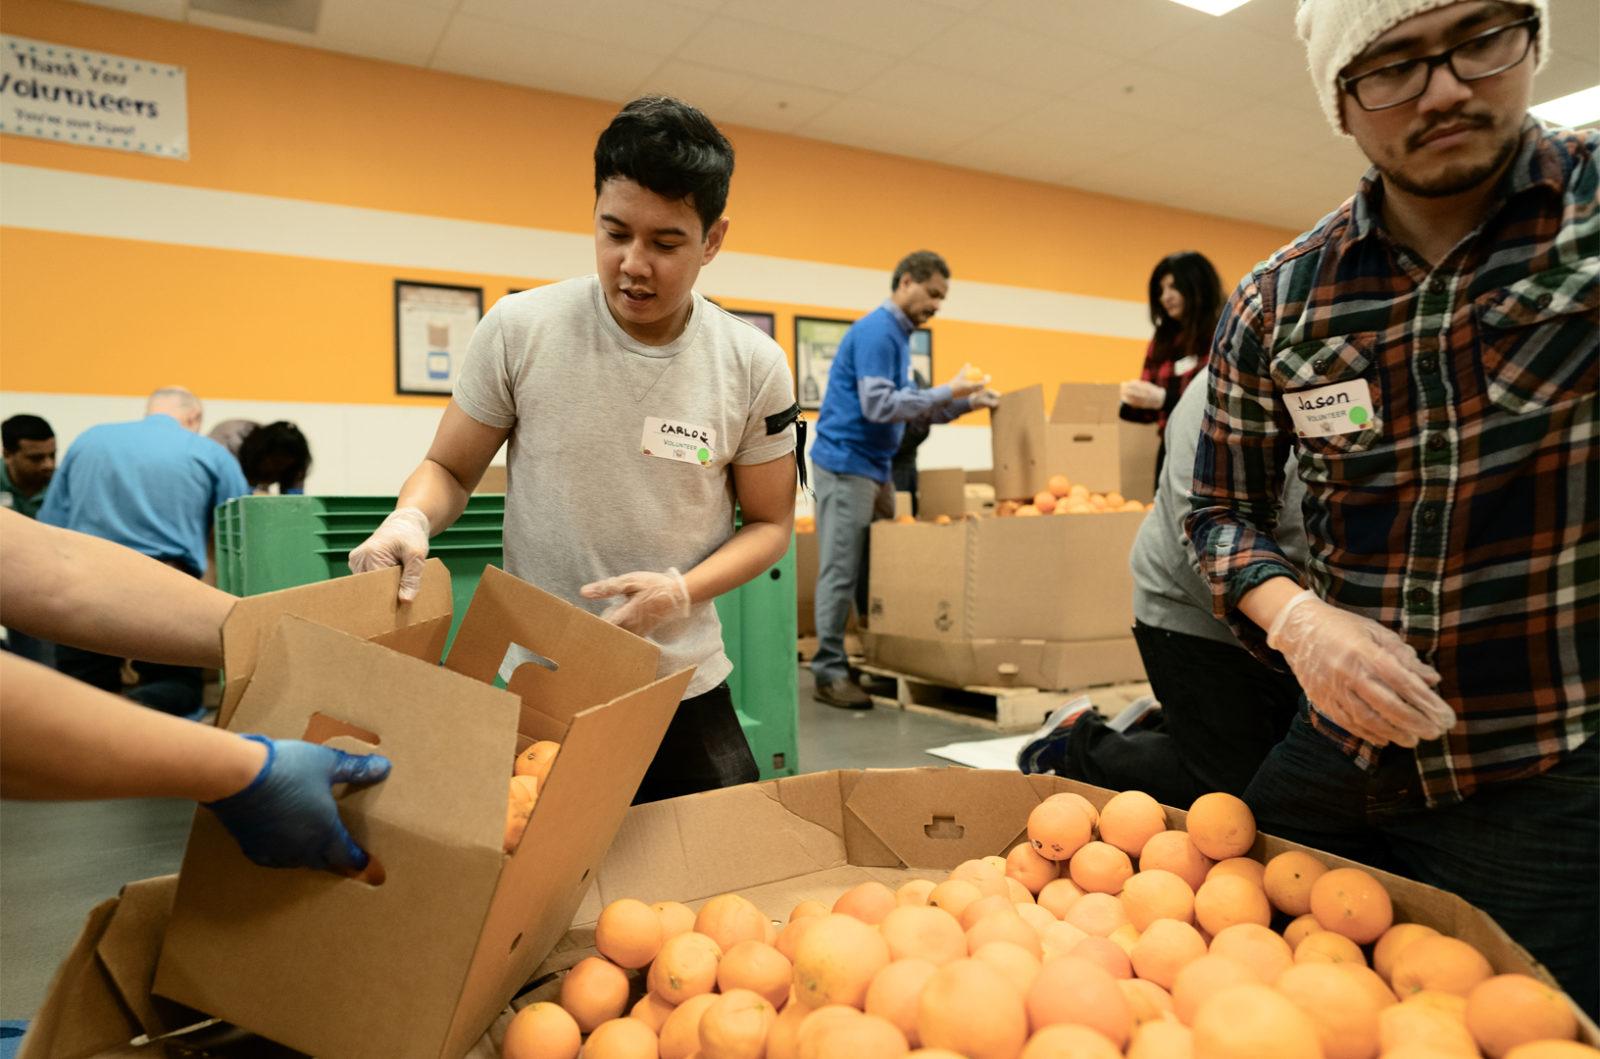 Volontari di Apple ripongono in una scatola delle arance presso la Second Harvest Food Bank di San Jose (California), organizzazione che contrasta lo spreco alimentare